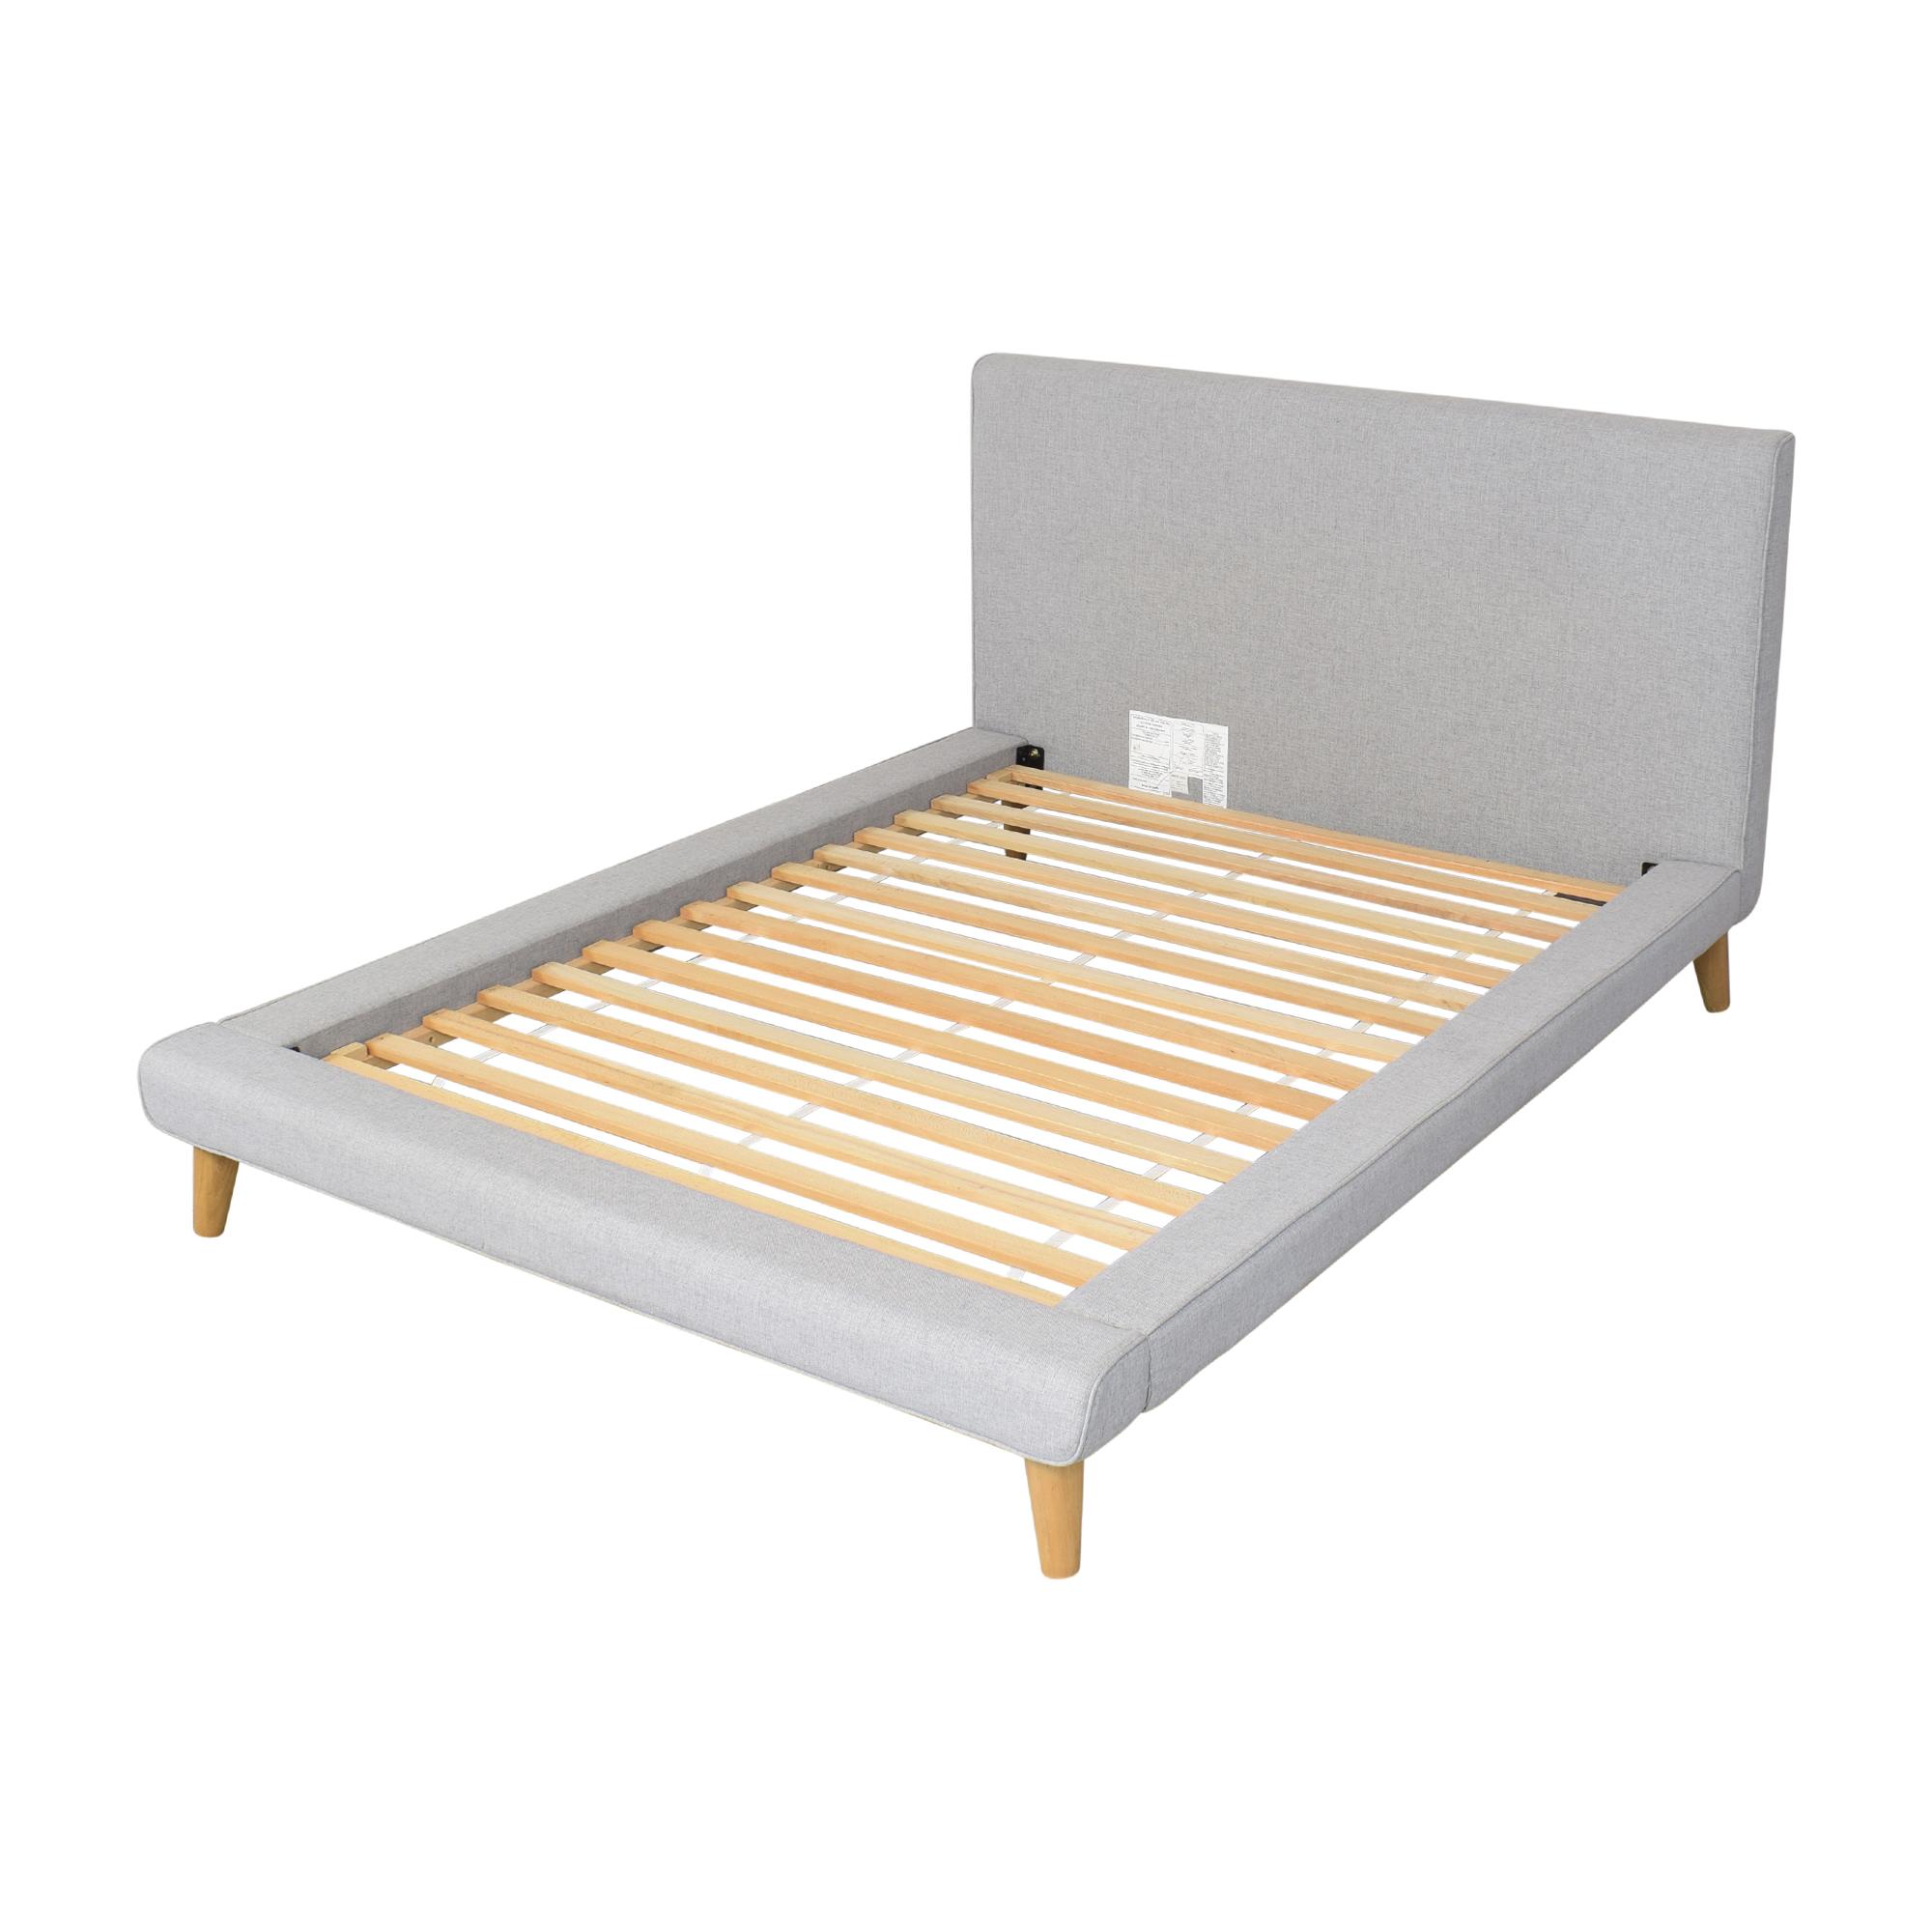 West Elm West Elm Mod Upholstered Full Platform Bed nj